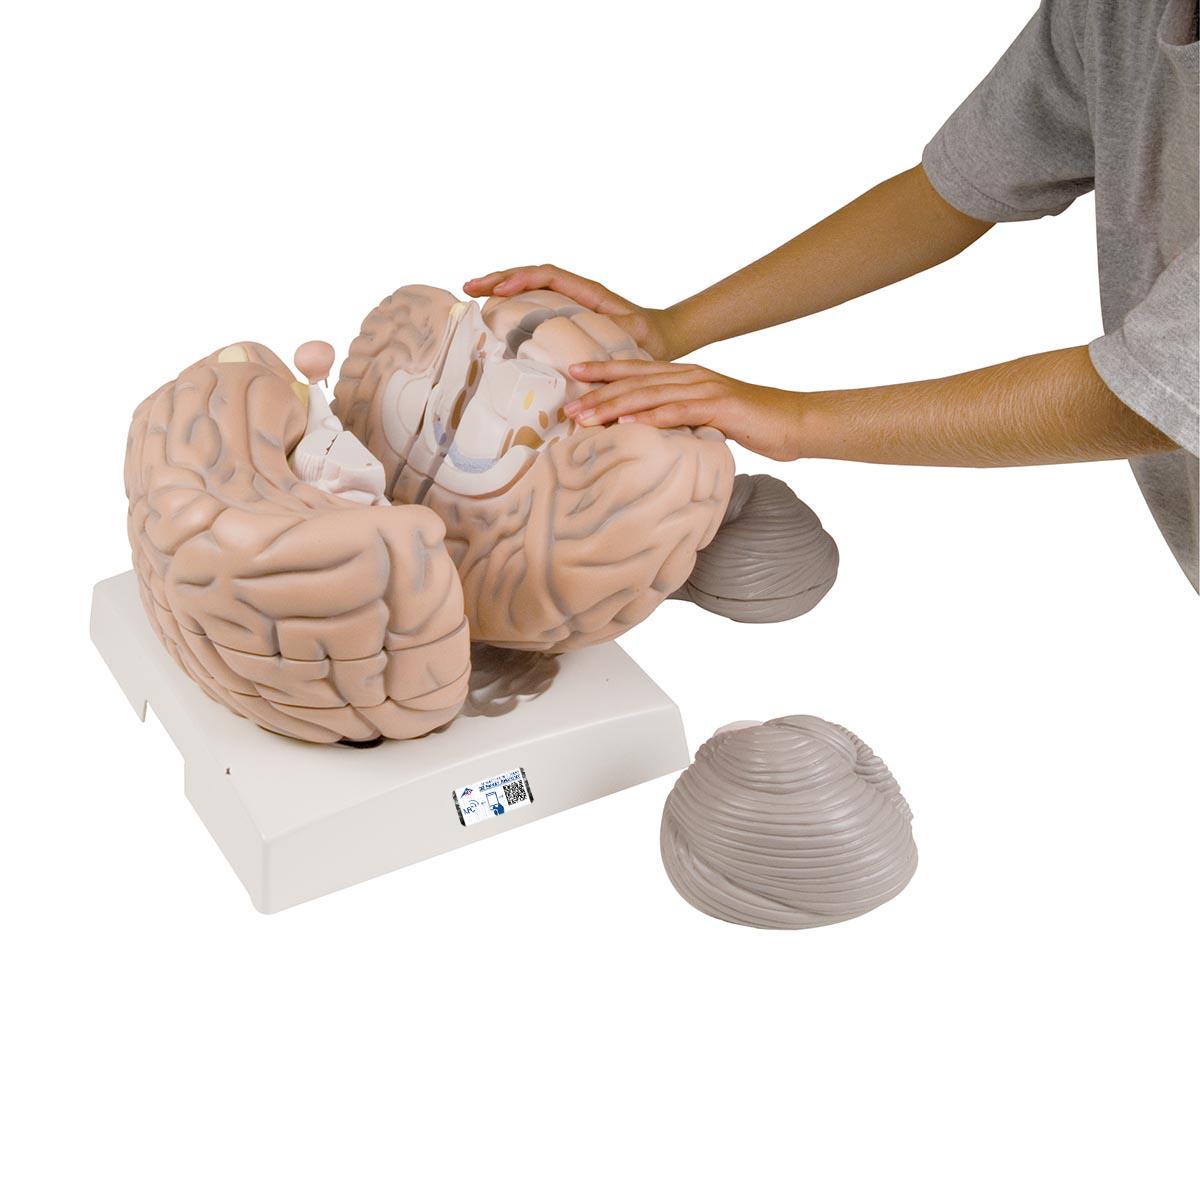 Mega-Gehirn, 2,5-fache Größe, 14-teilig - 1001261 - 3B Scientific ...